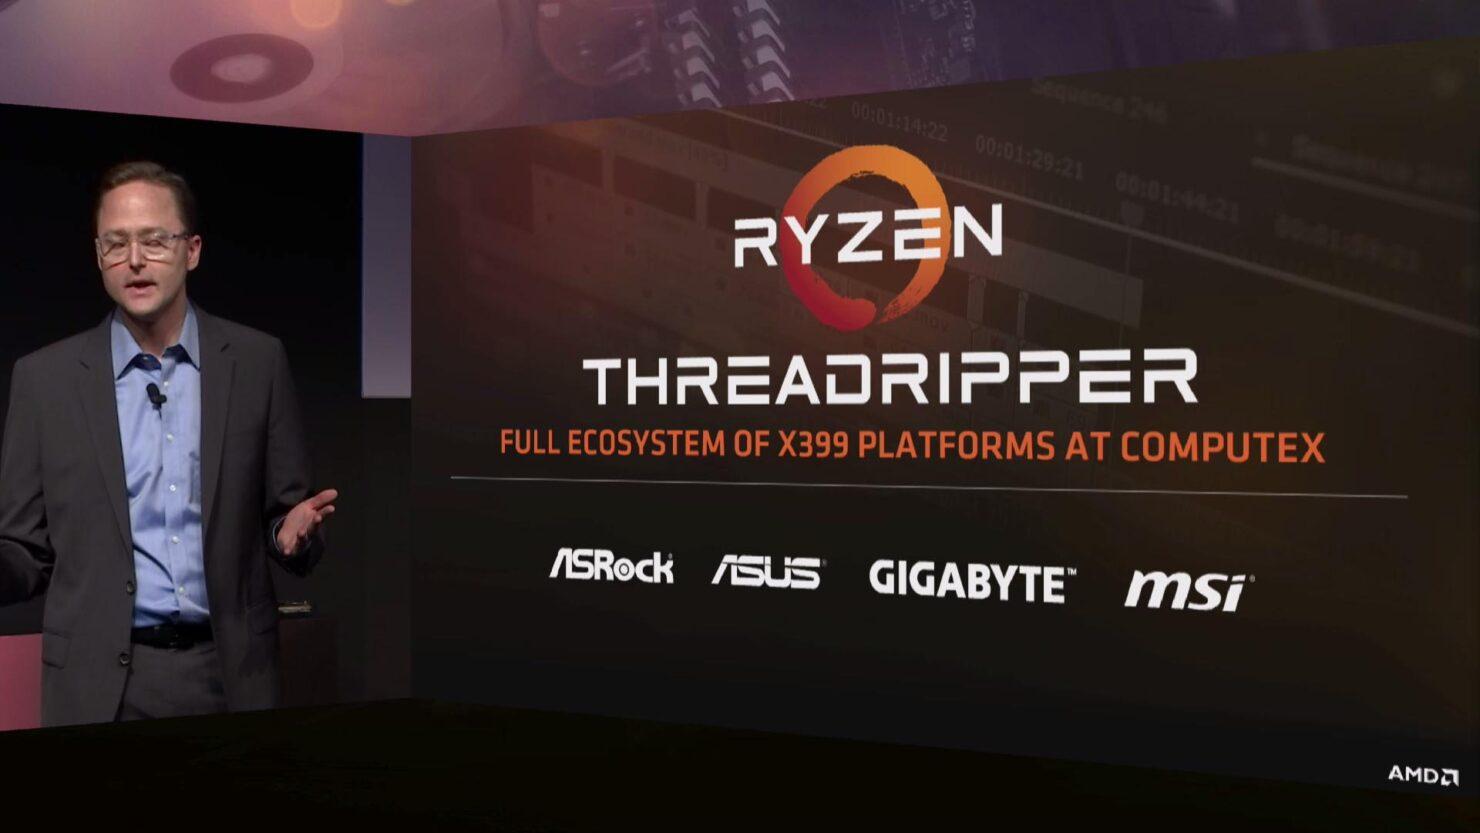 amd-ryzen-threadripper-computex-2017